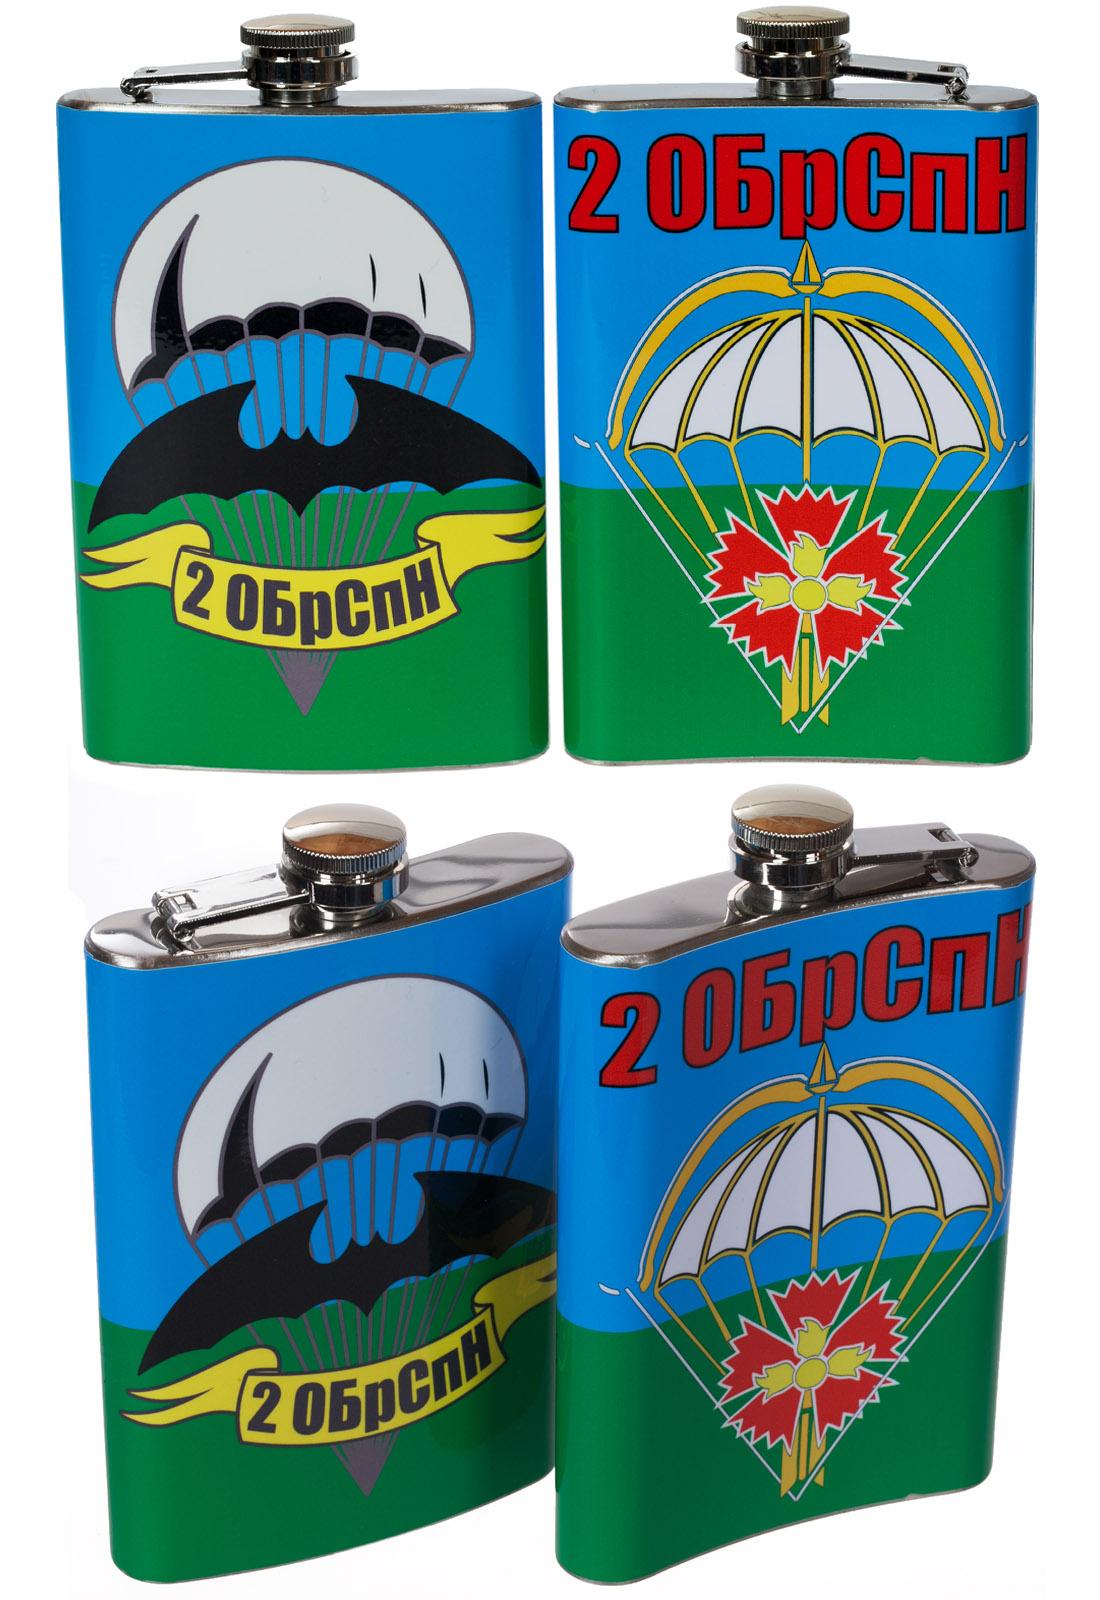 """Фляга спецназ Пскова """"2 ОБрСпН"""" купить в подарок военному"""